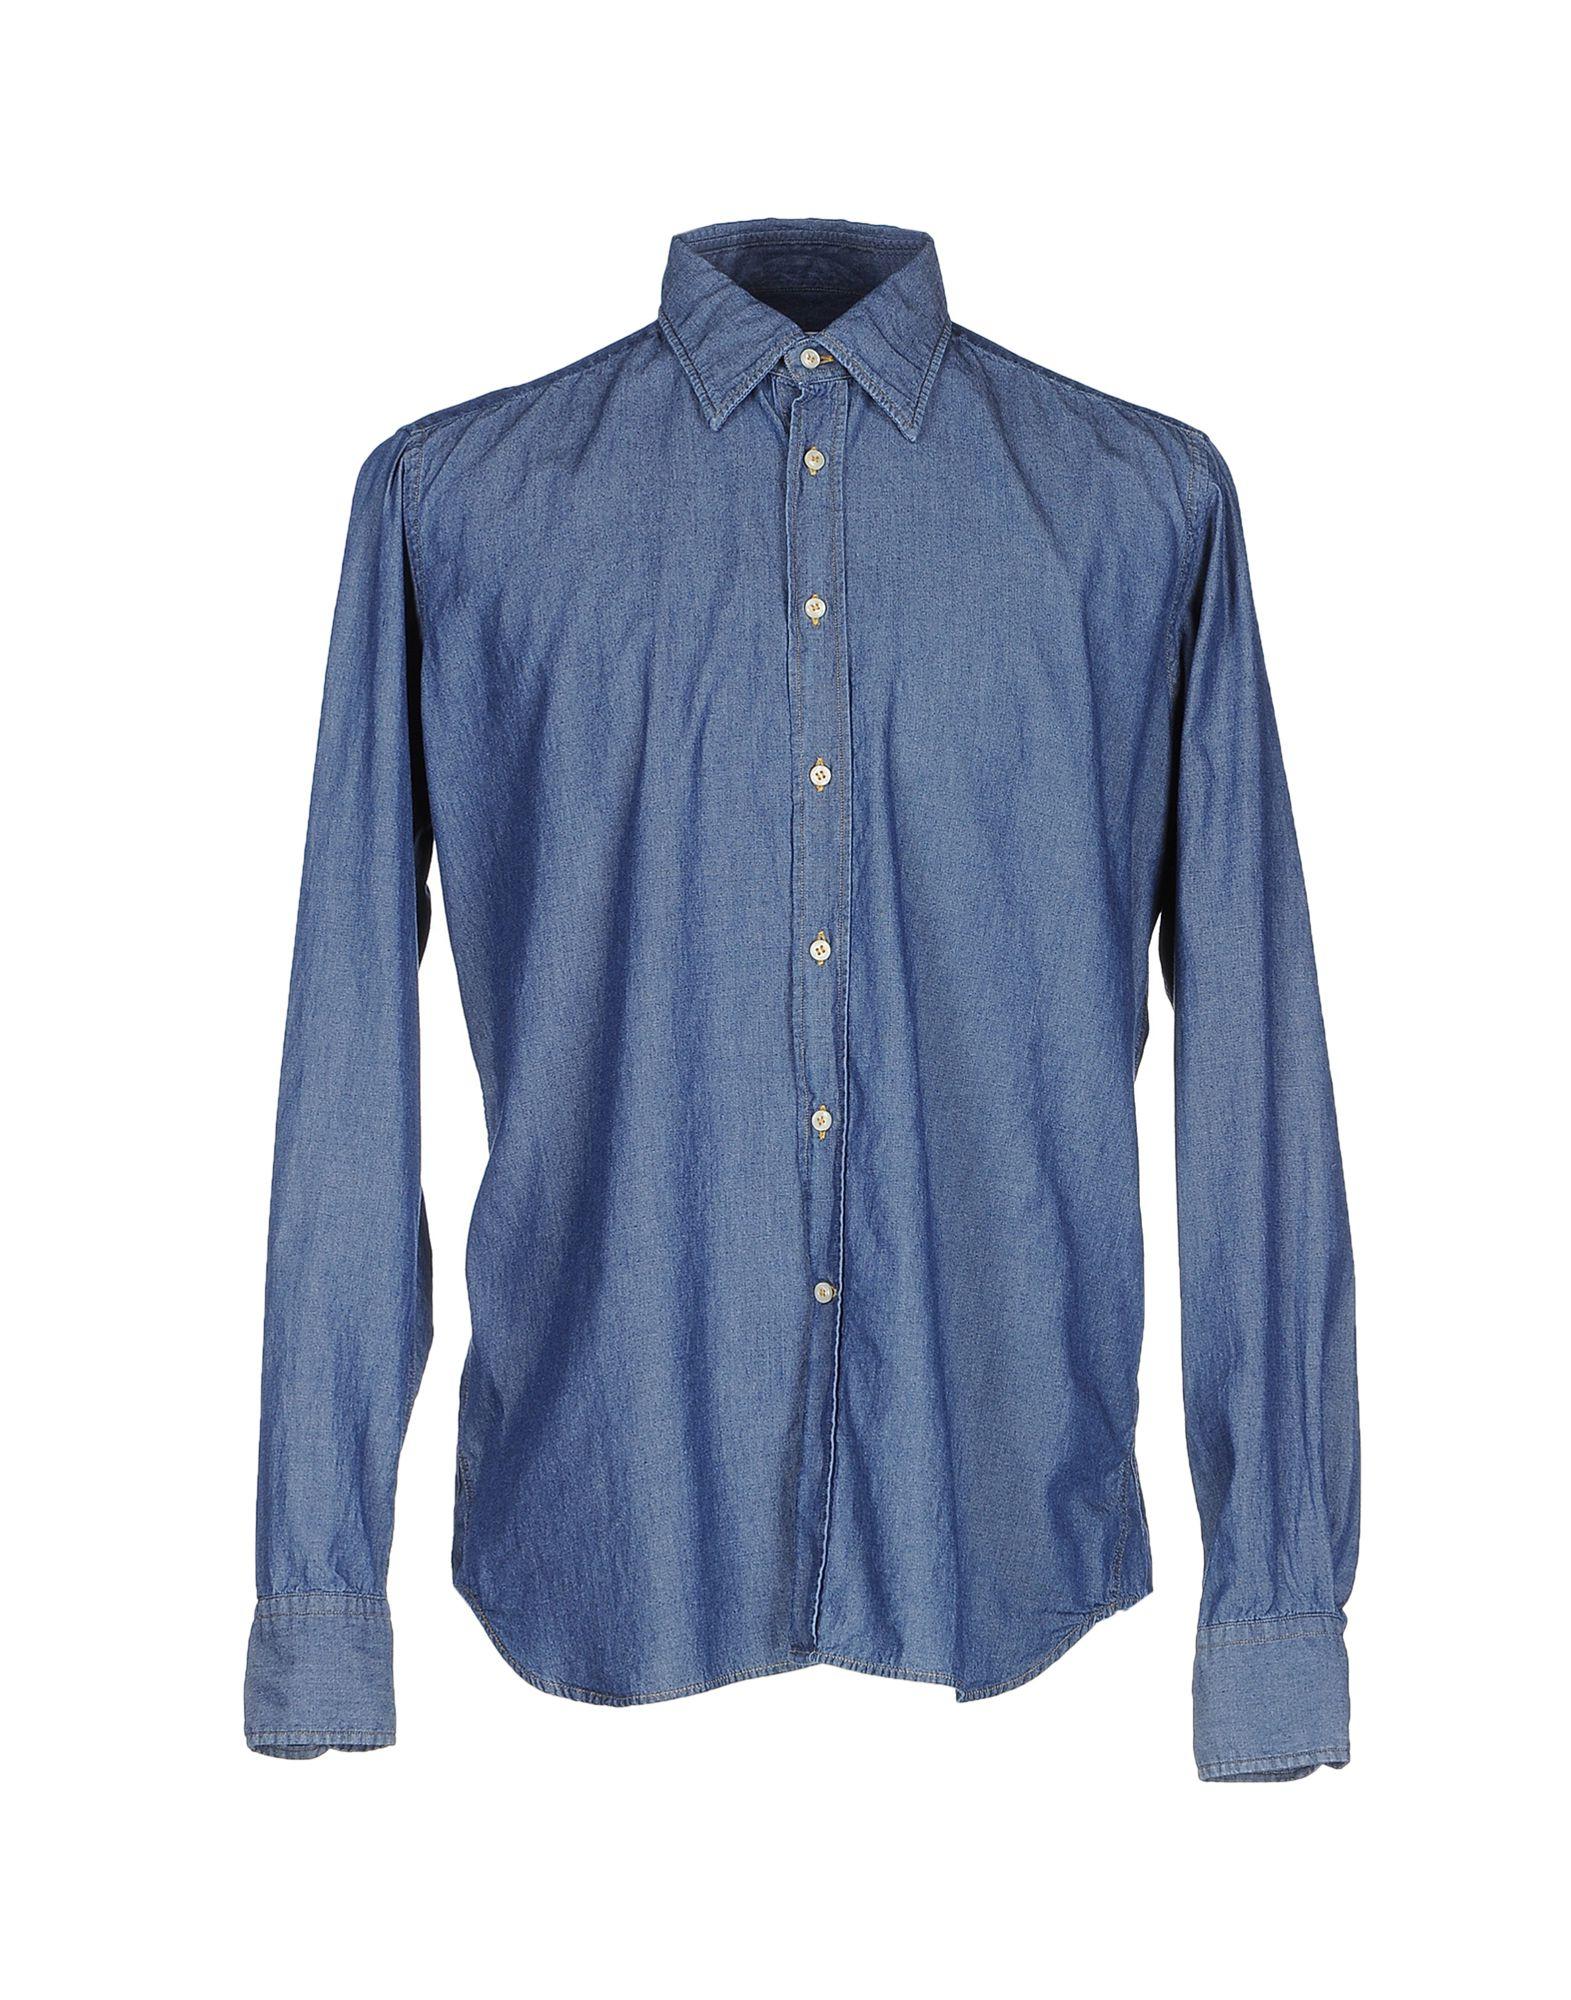 купить BEVILACQUA Джинсовая рубашка по цене 4350 рублей